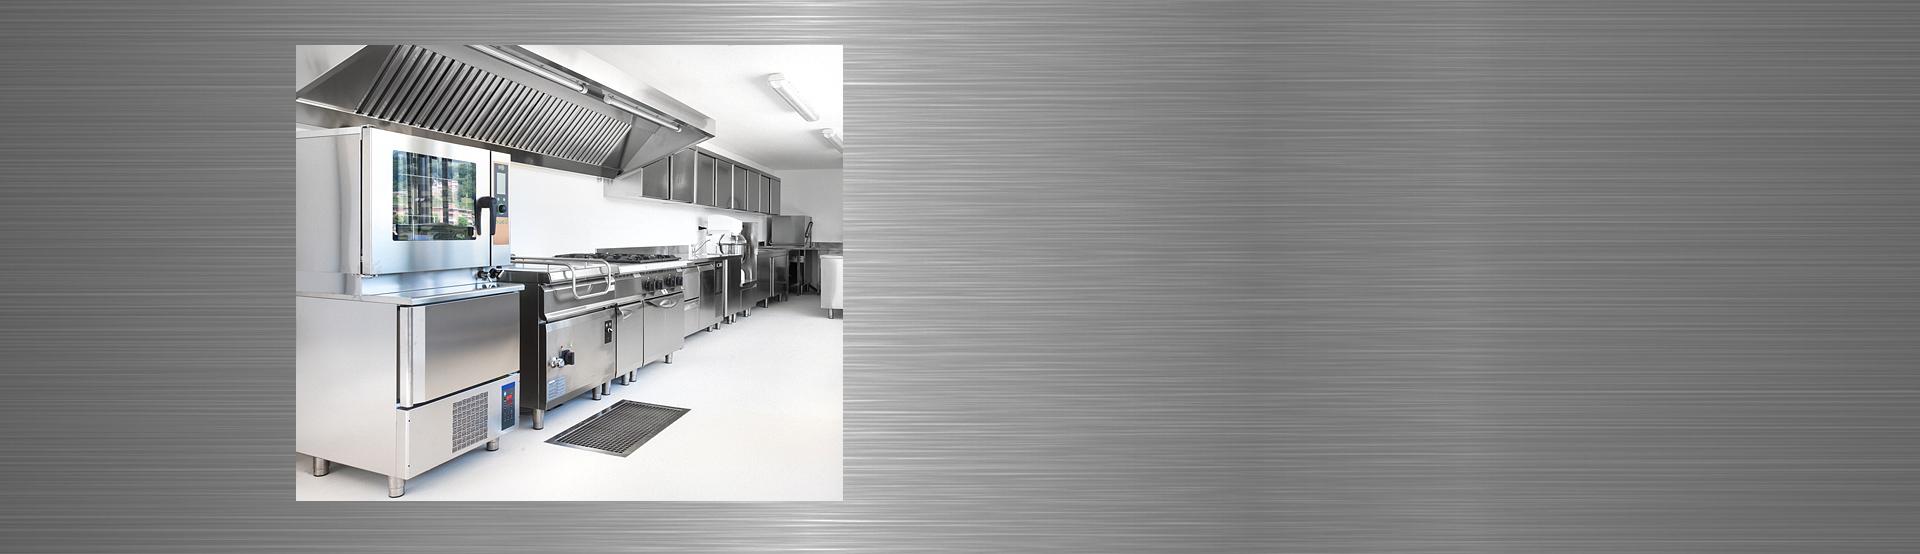 Кухни из нержавеющей стали